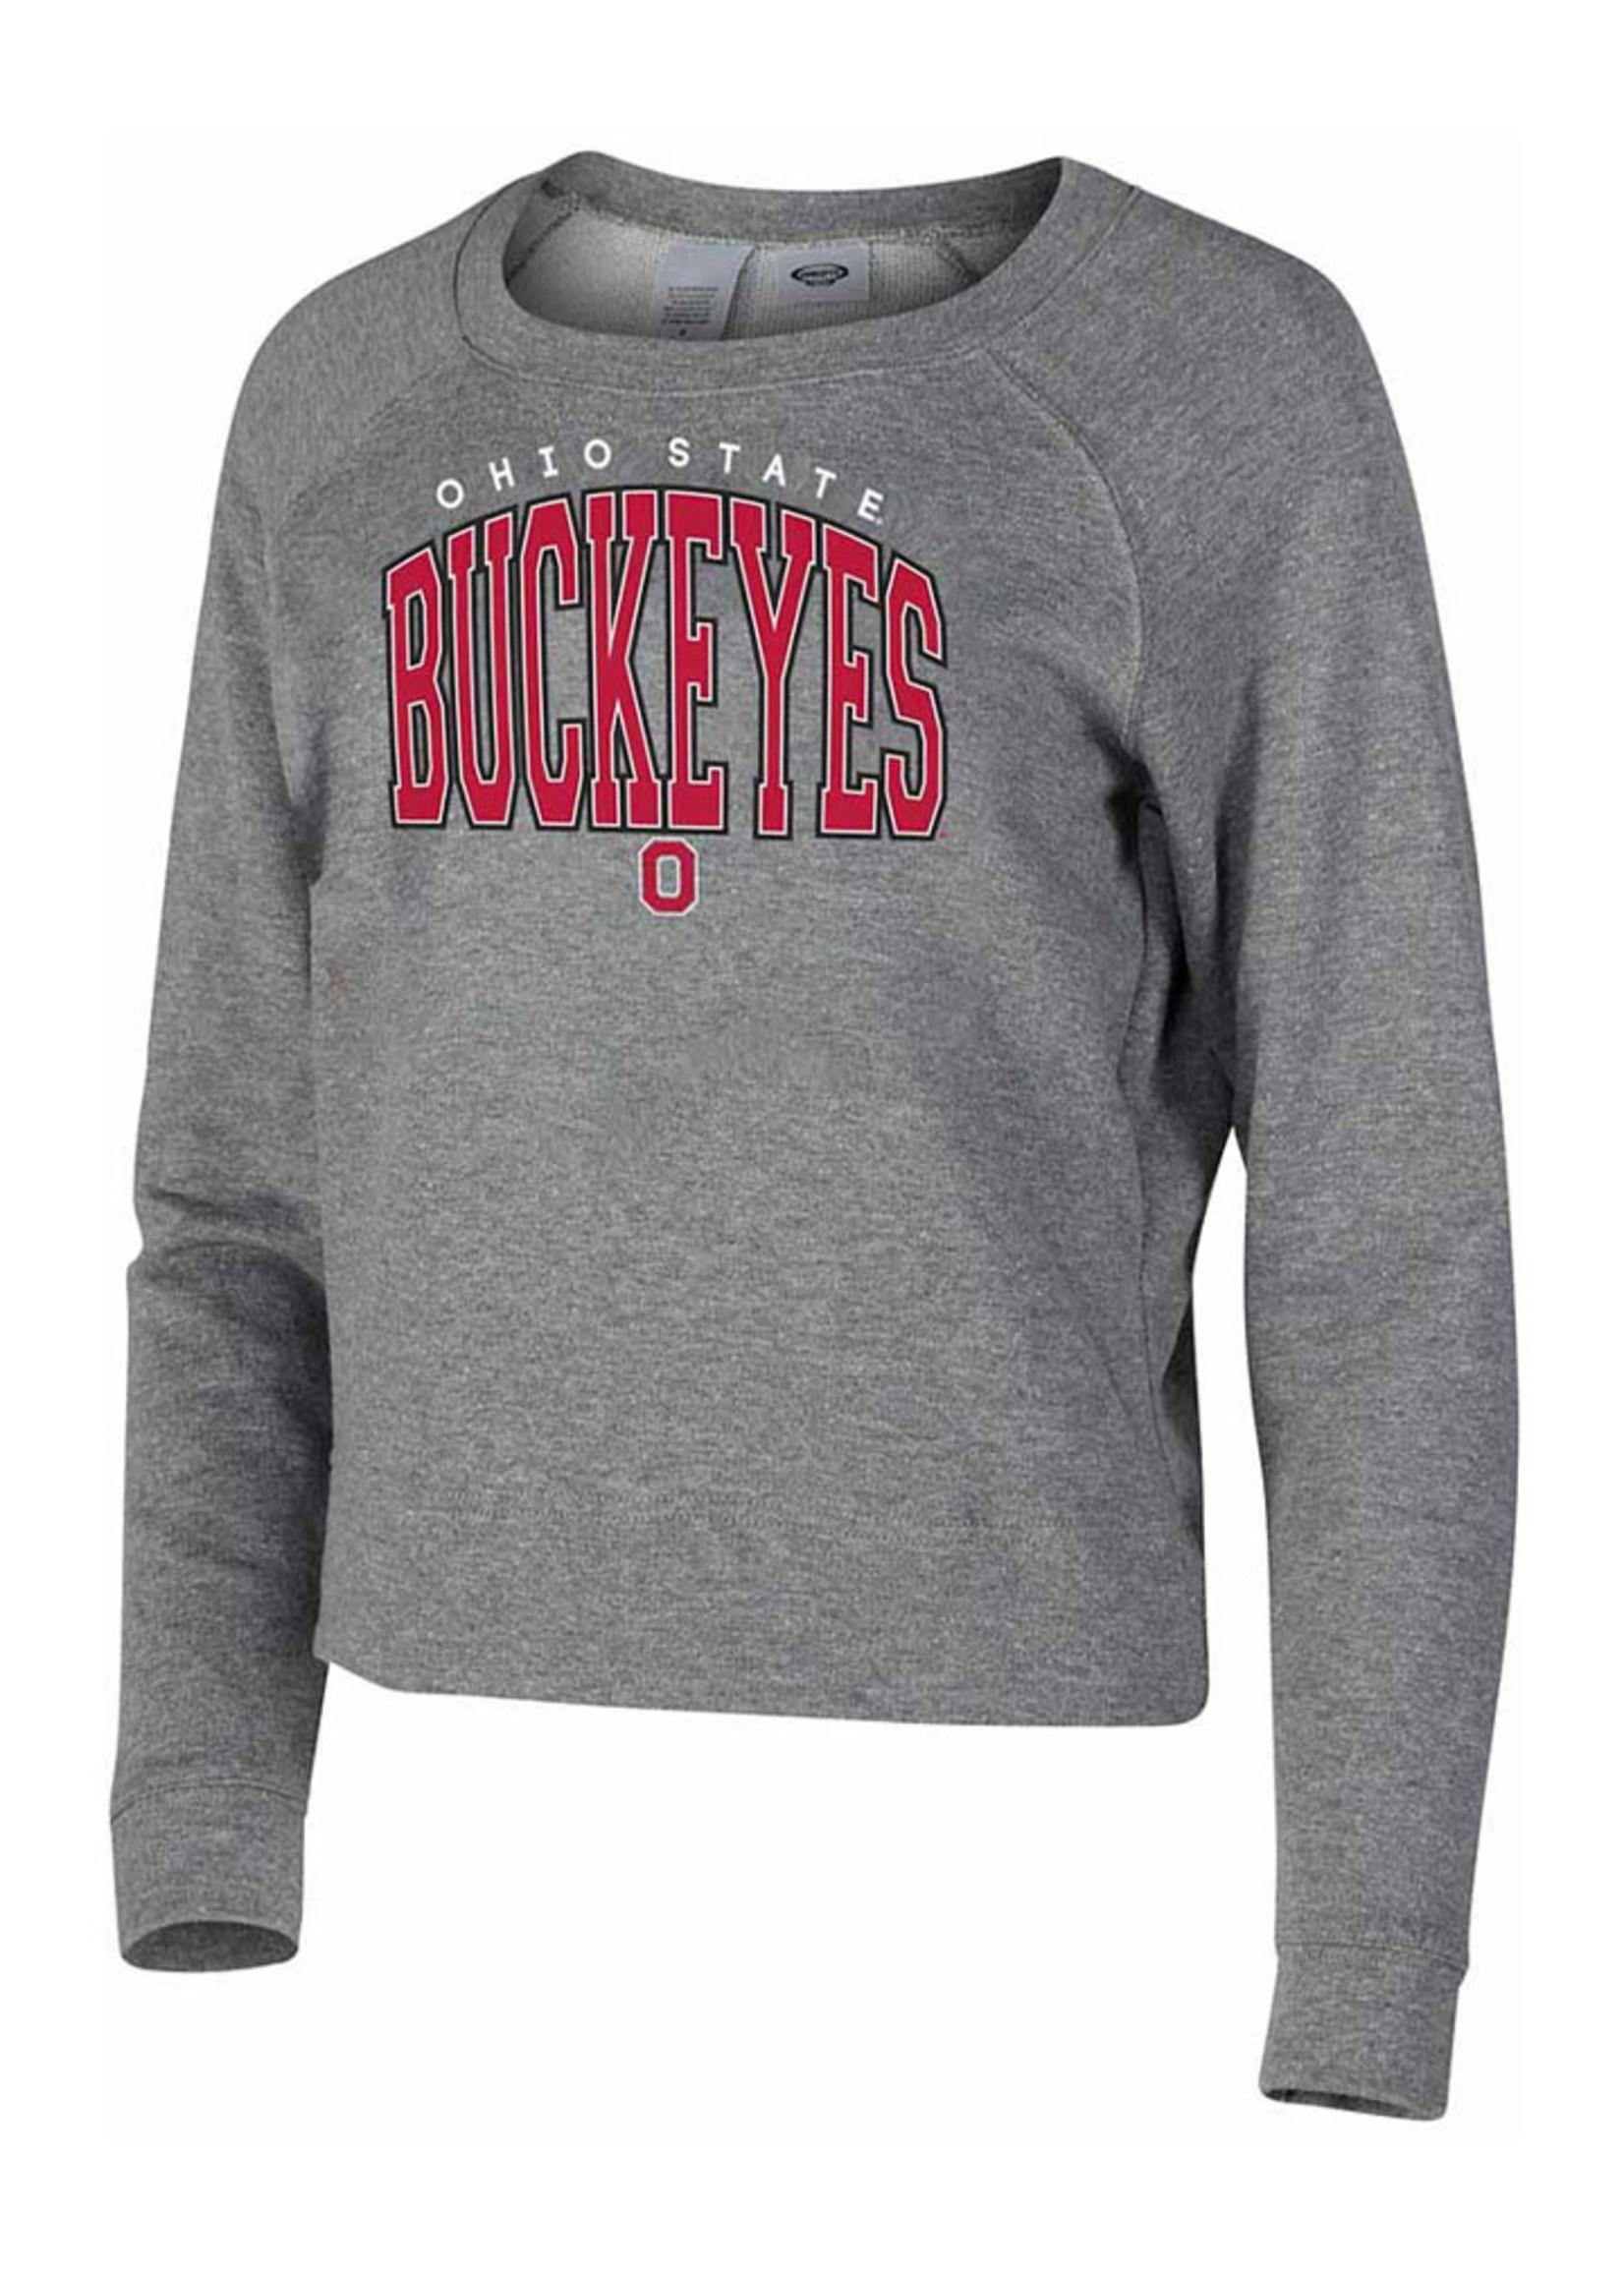 Ohio State Buckeyes Womens Grey Mainstream Crew Sweatshirt